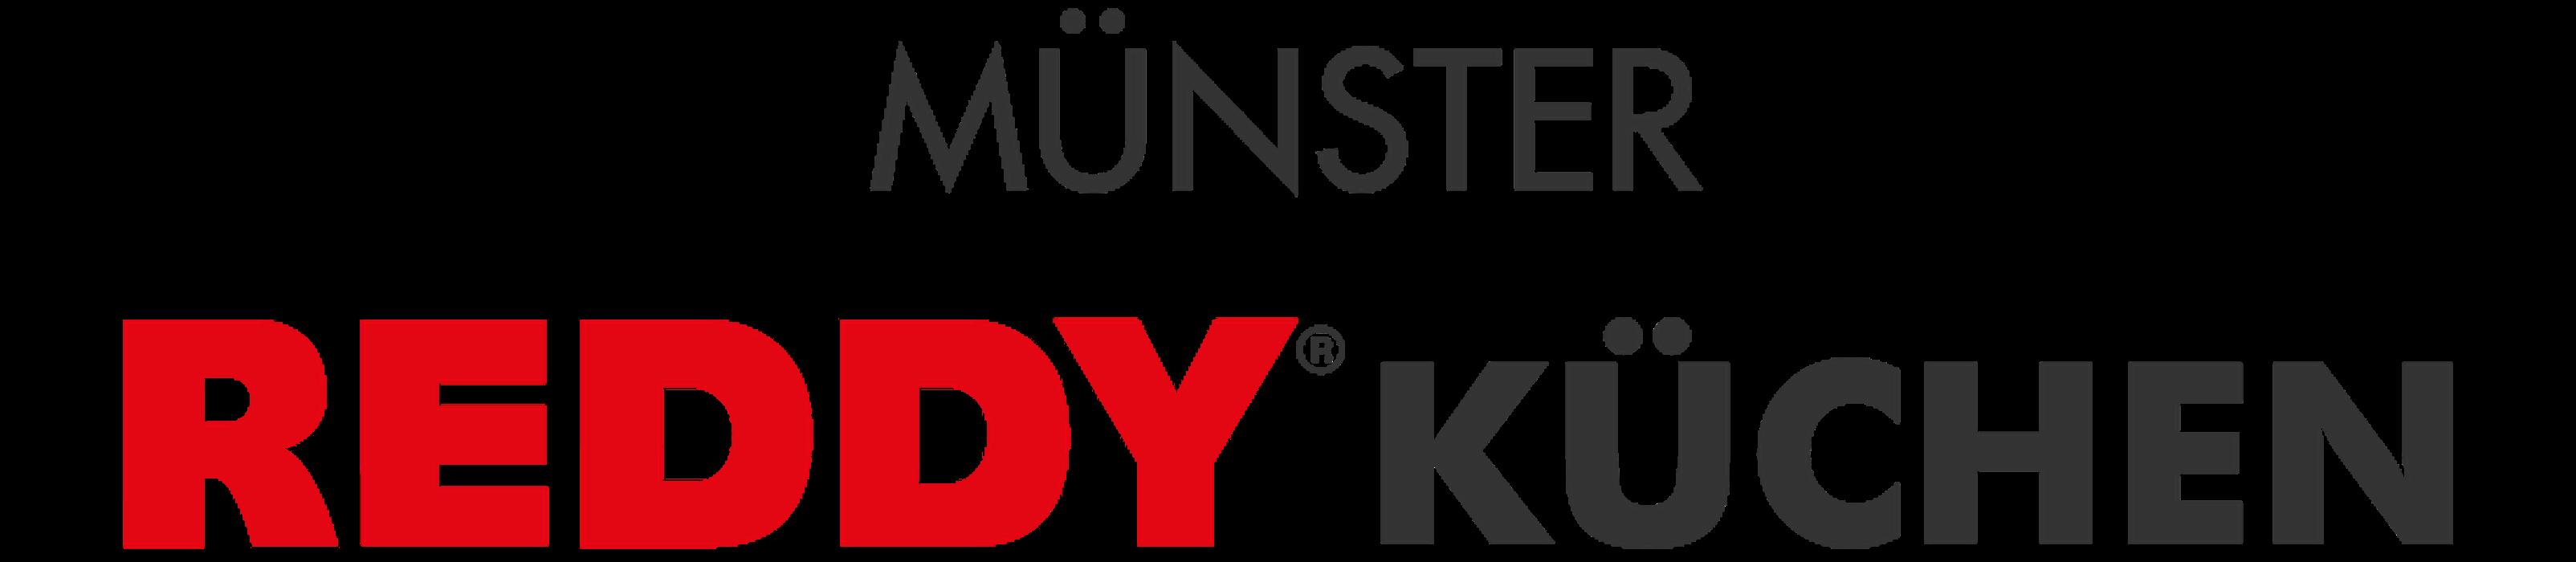 REDDY Küchen Münster in Münster - Öffnungszeiten & Adresse ...